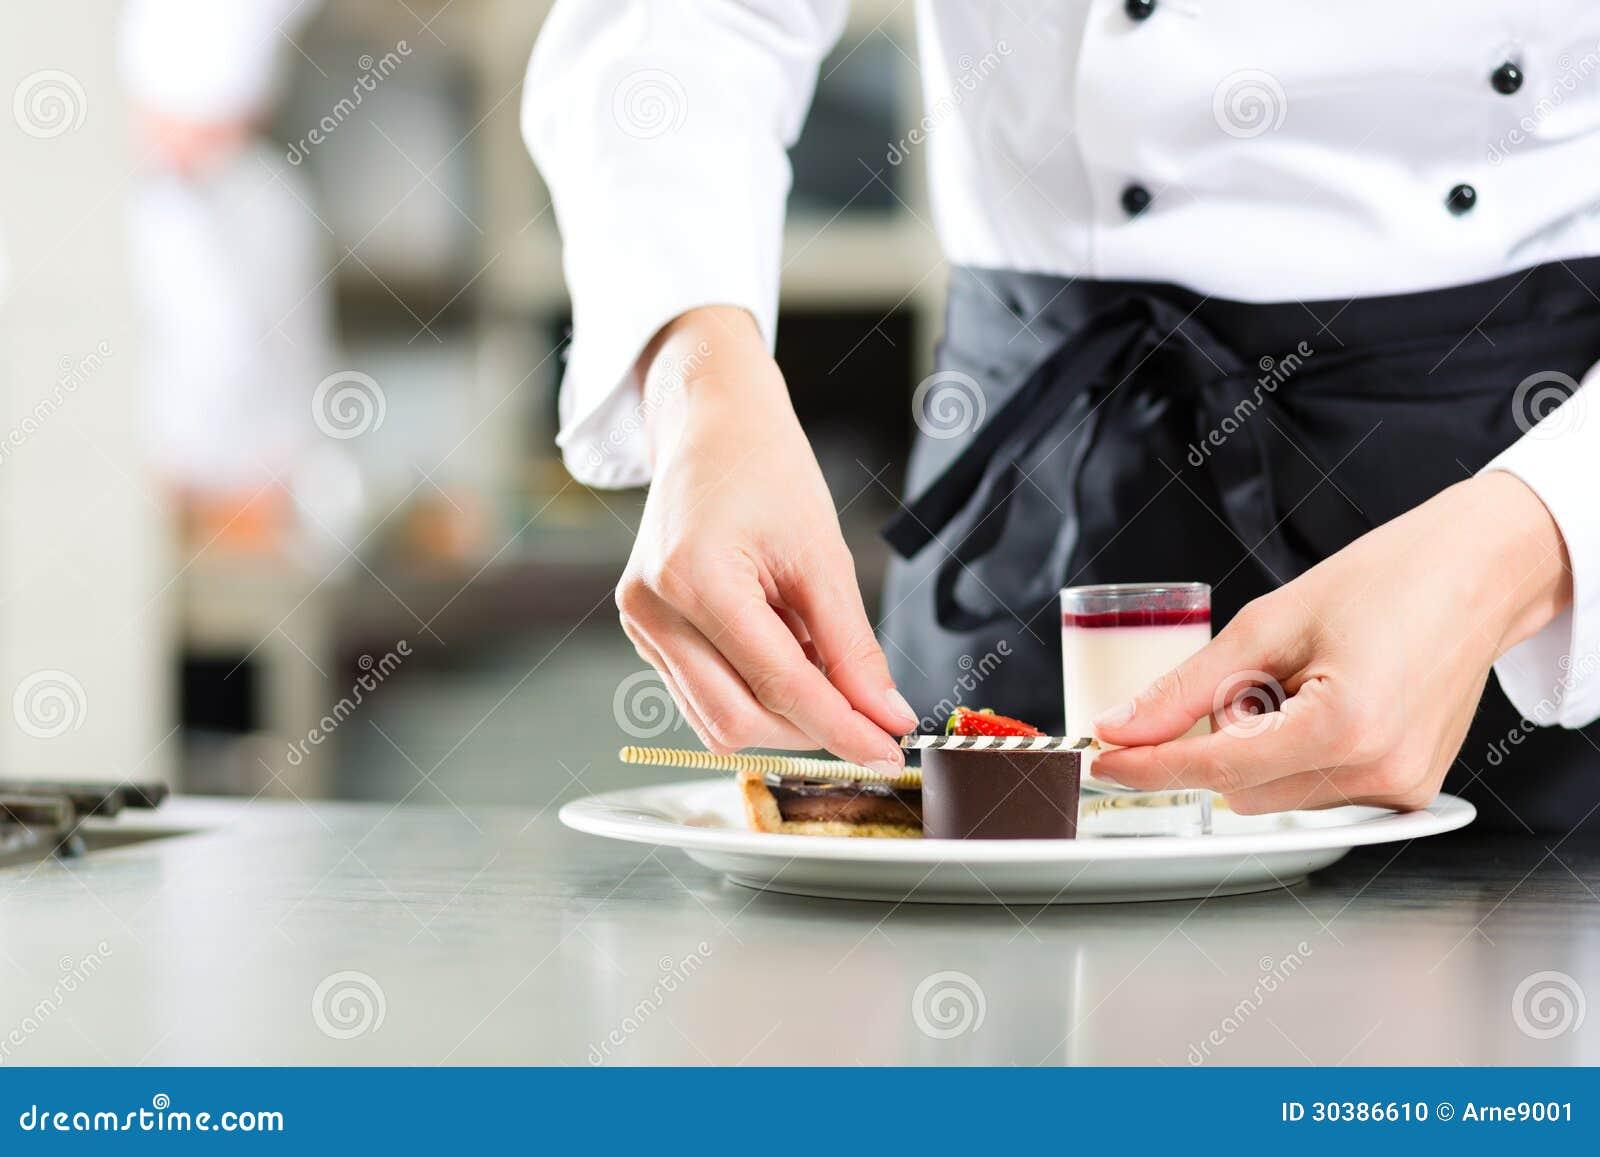 Cook, ciasto szef kuchni w hotelowej lub restauracyjnej kuchni,